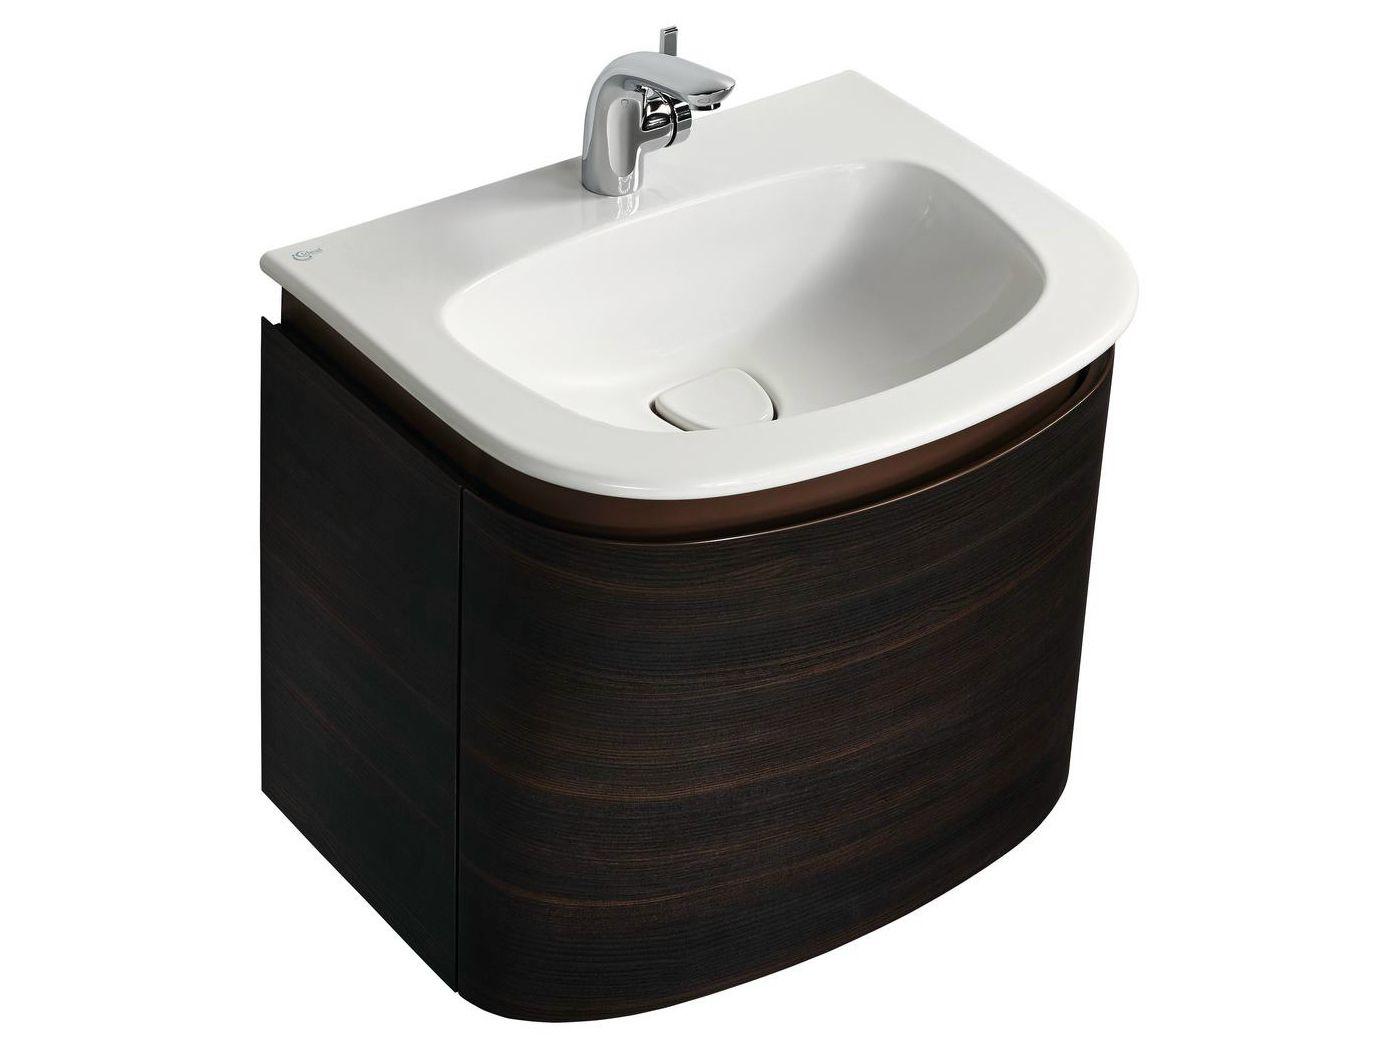 mobile lavabo singolo sospeso dea t7850 by ideal standard italia. Black Bedroom Furniture Sets. Home Design Ideas